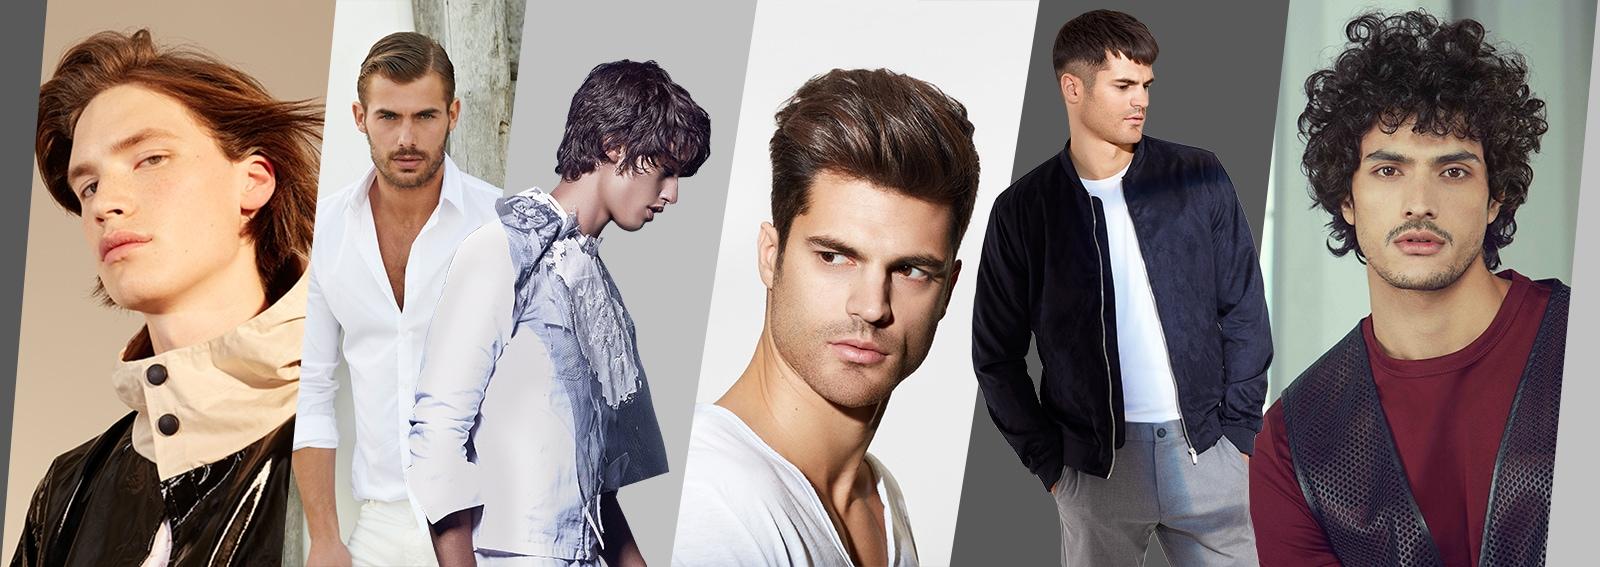 tagli capelli saloni uomo DESKTOP_capelli_saloni_uomo018